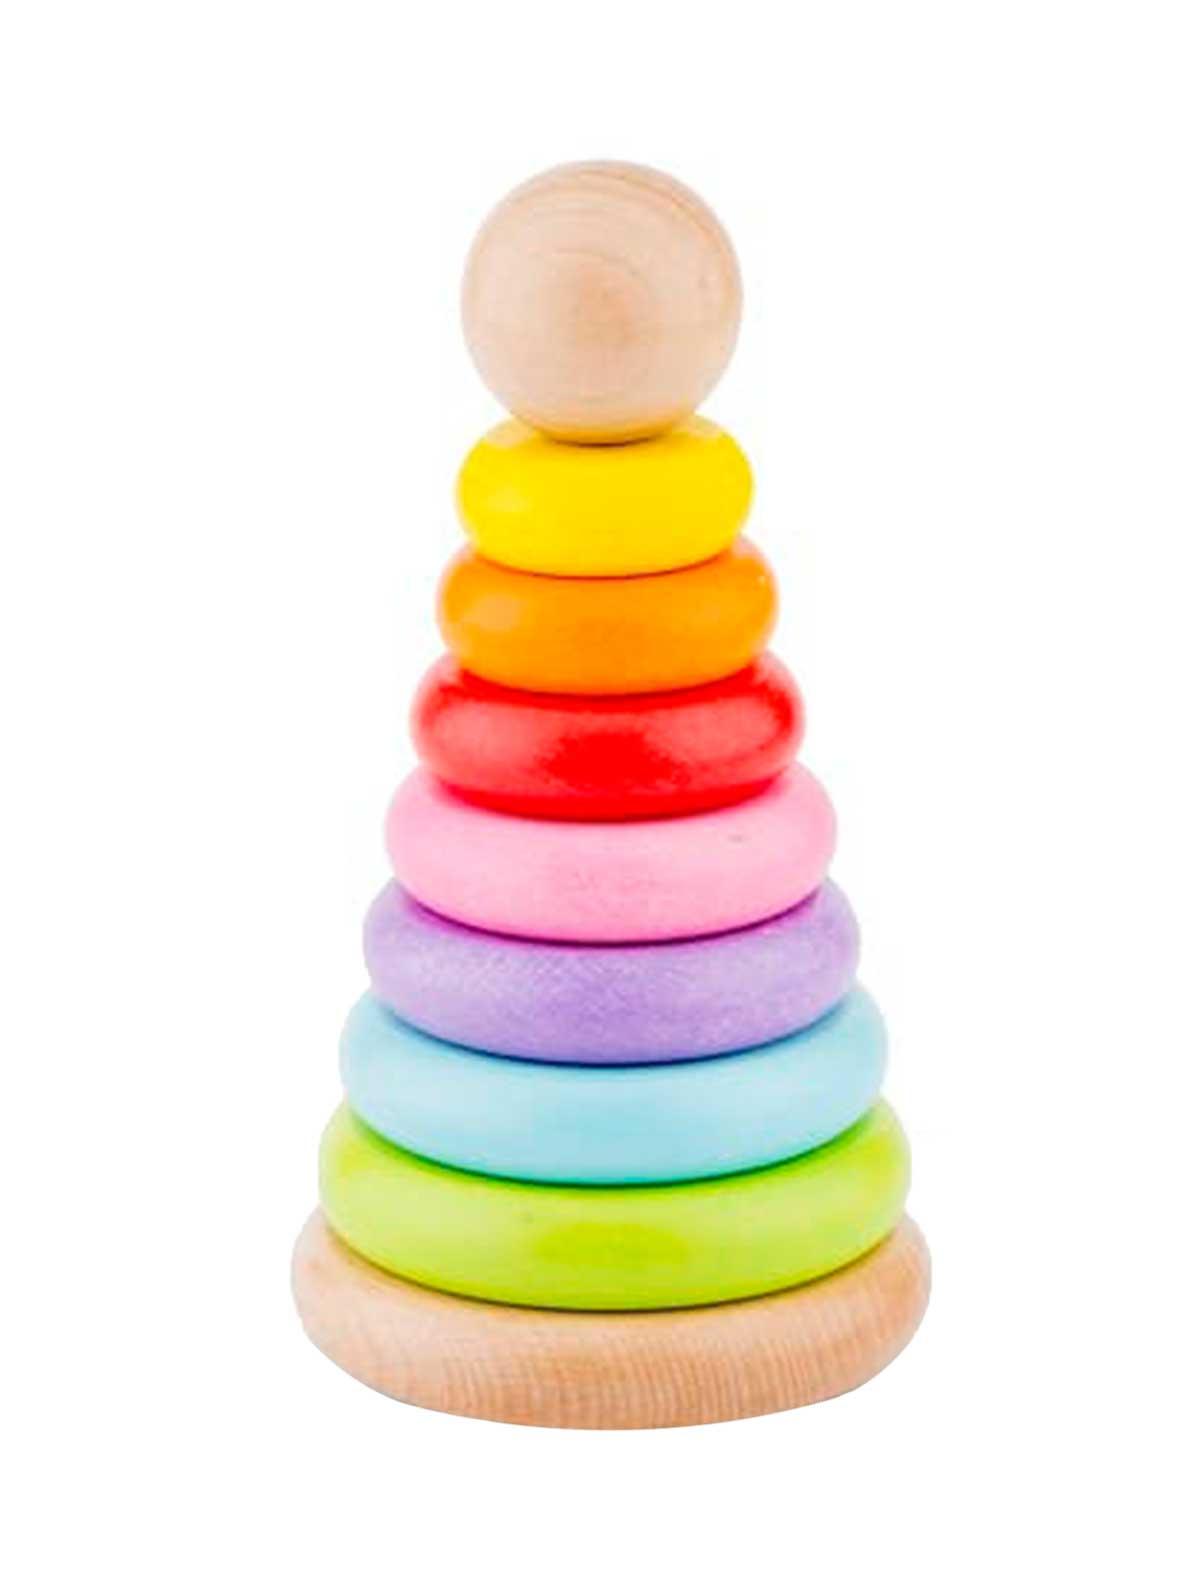 Купить 2267437, Игрушка New Classic Toys, зеленый, 7134529072293